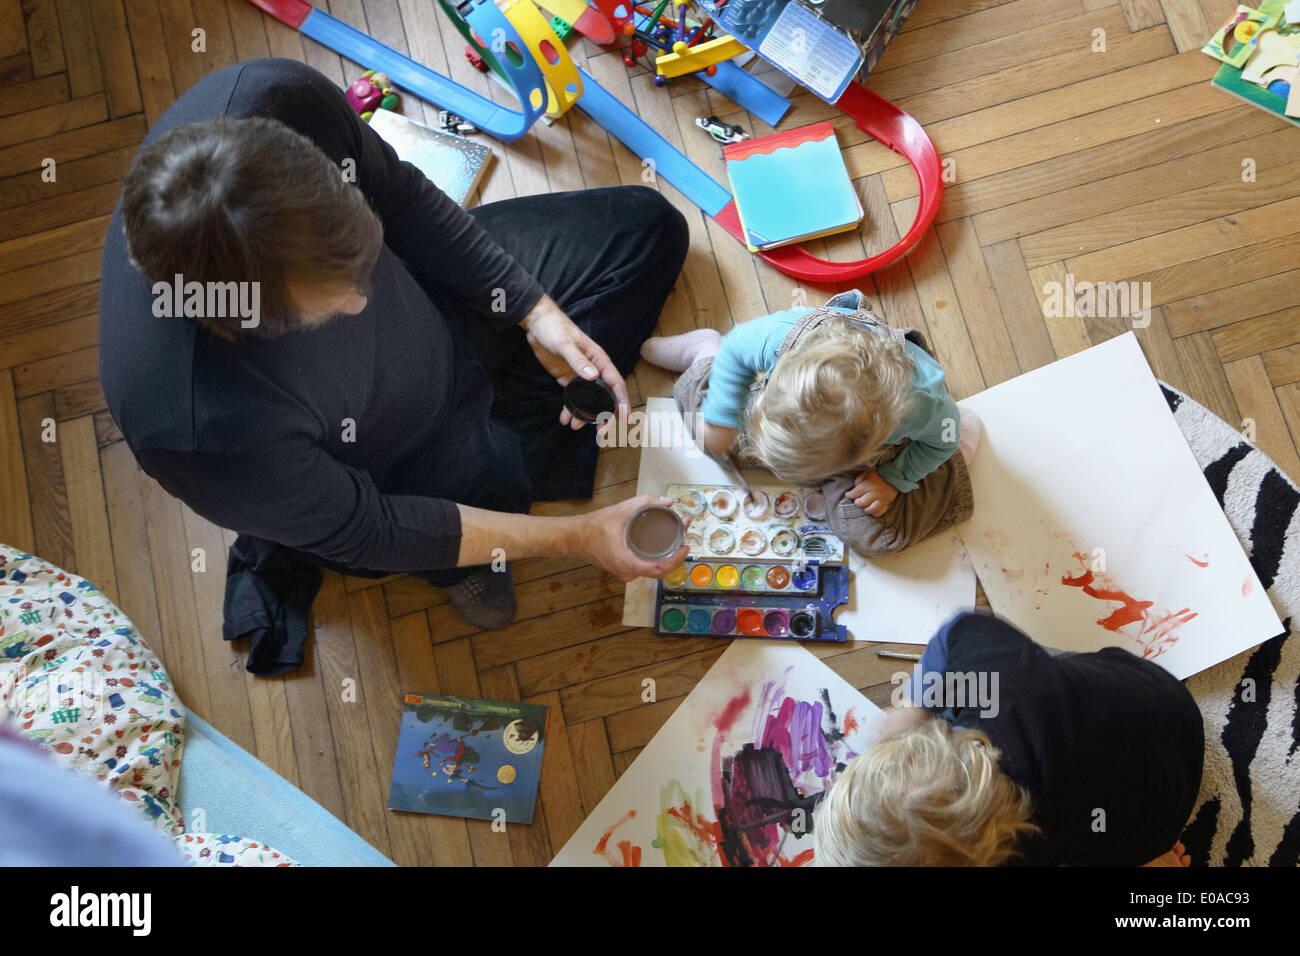 Padre e figli dipinto sul pavimento Immagini Stock